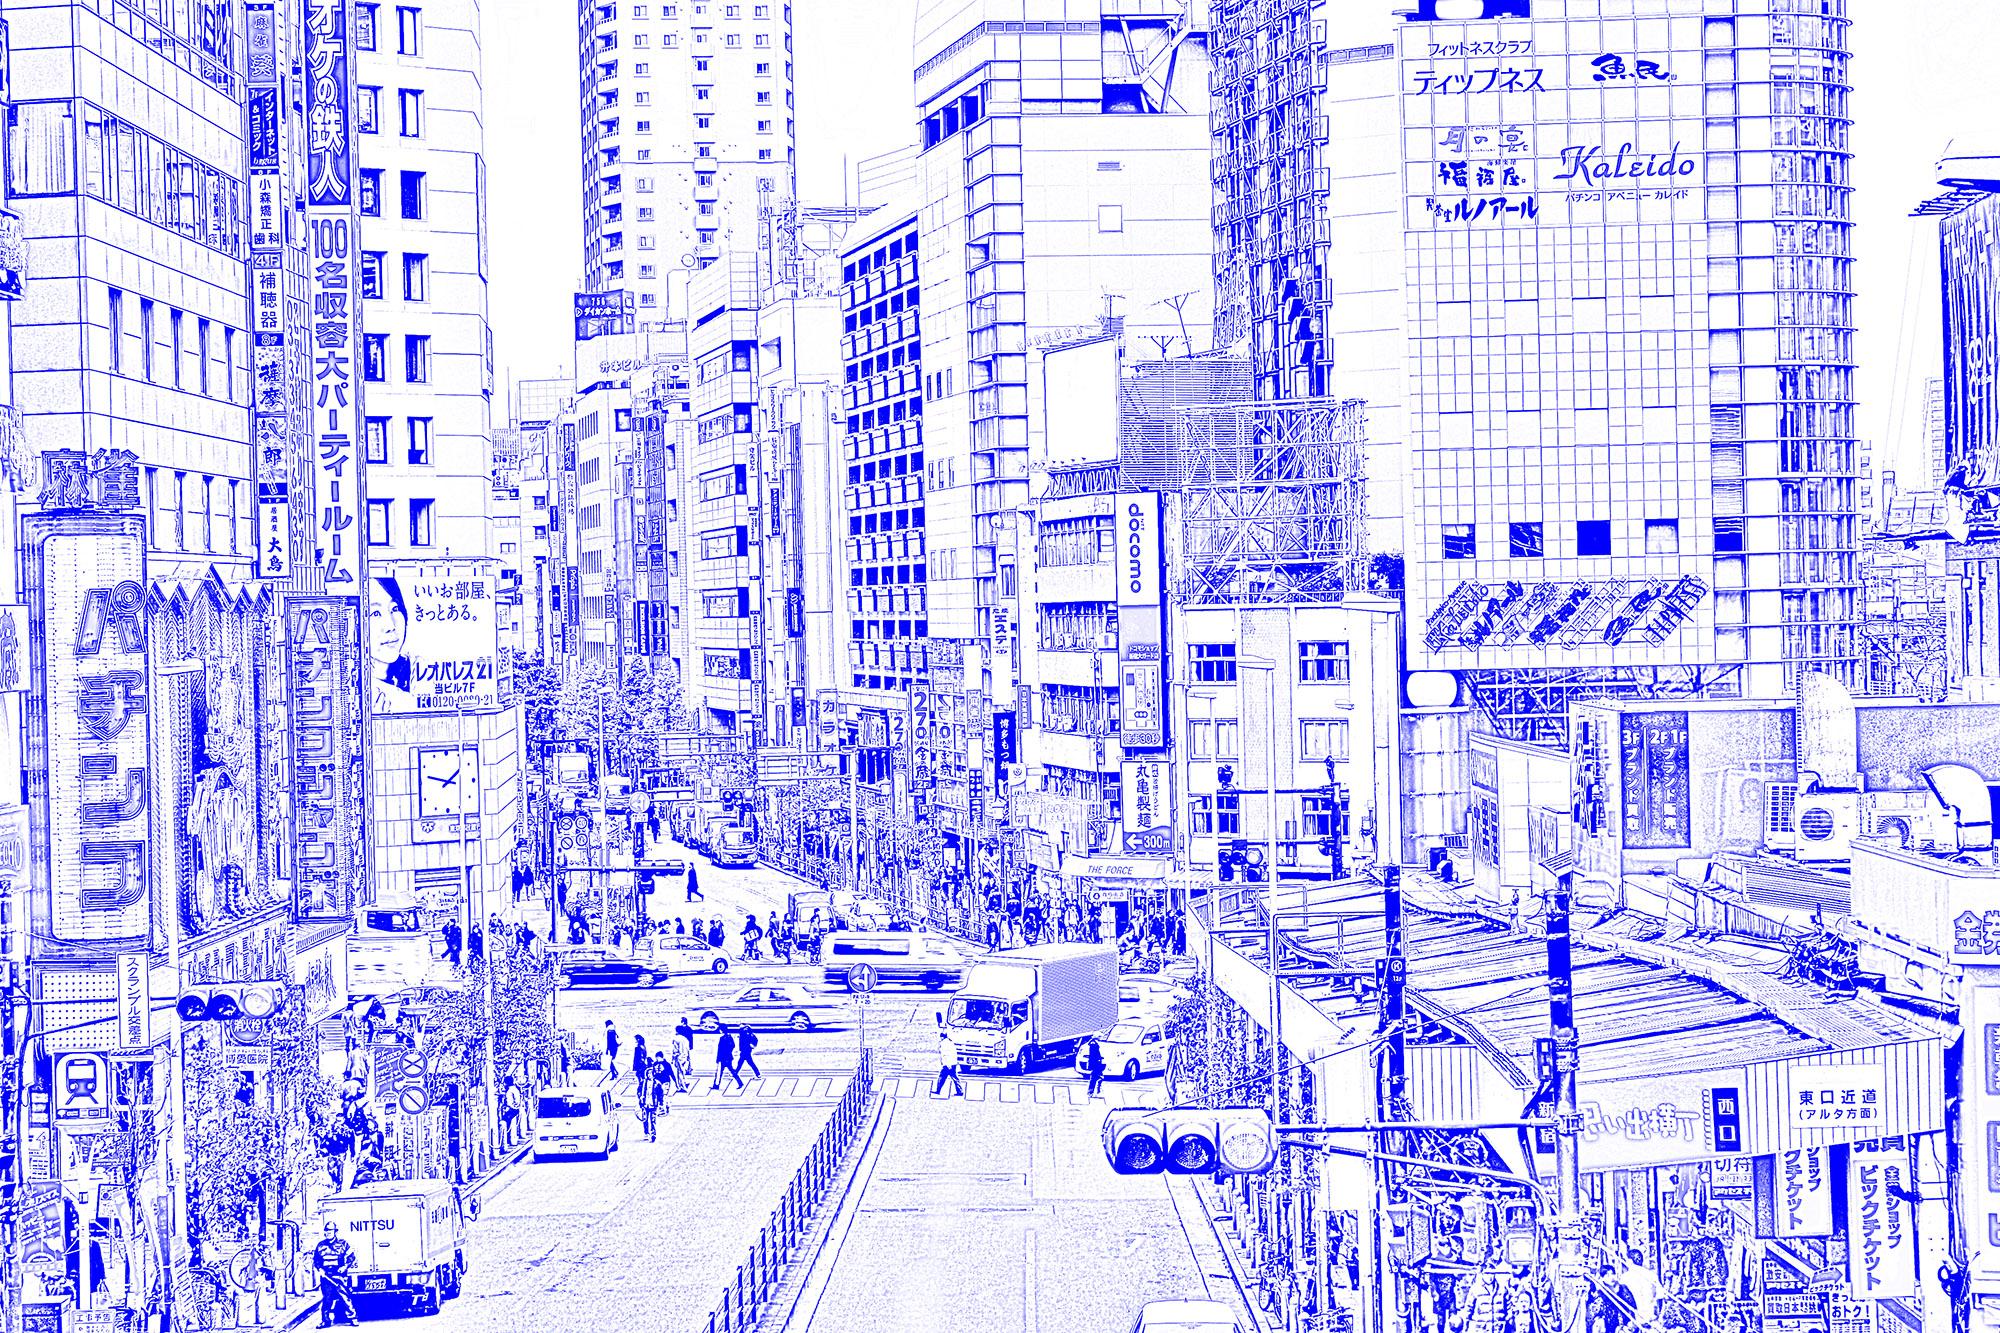 漫画背景・新宿サンプル2